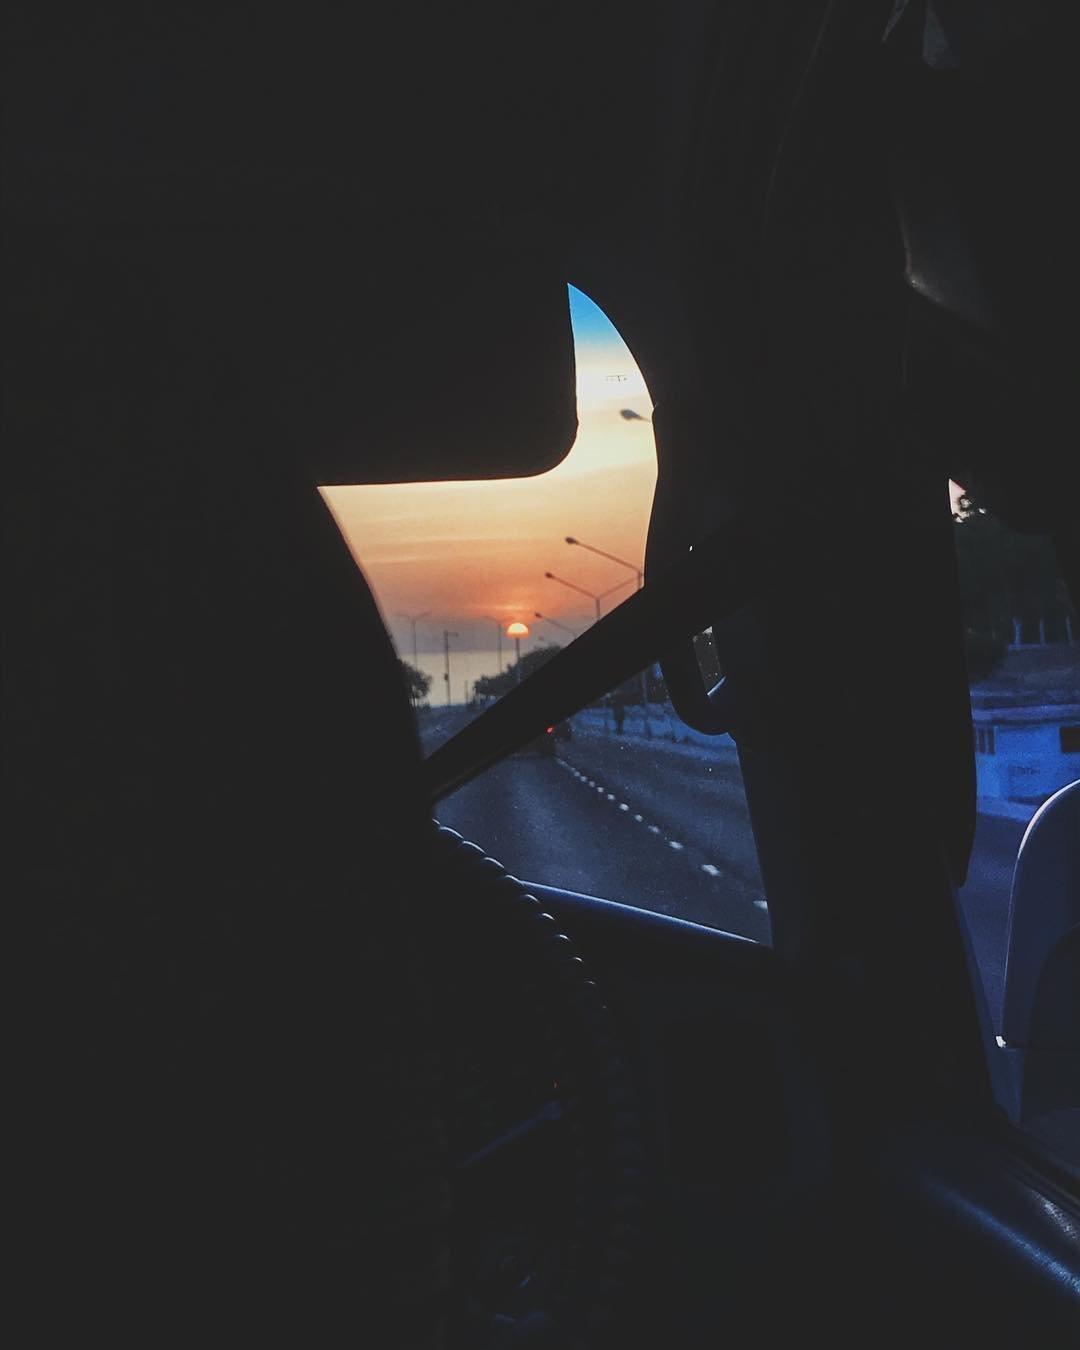 Актау глазами пользователей Instagram (ФОТО), фото-4